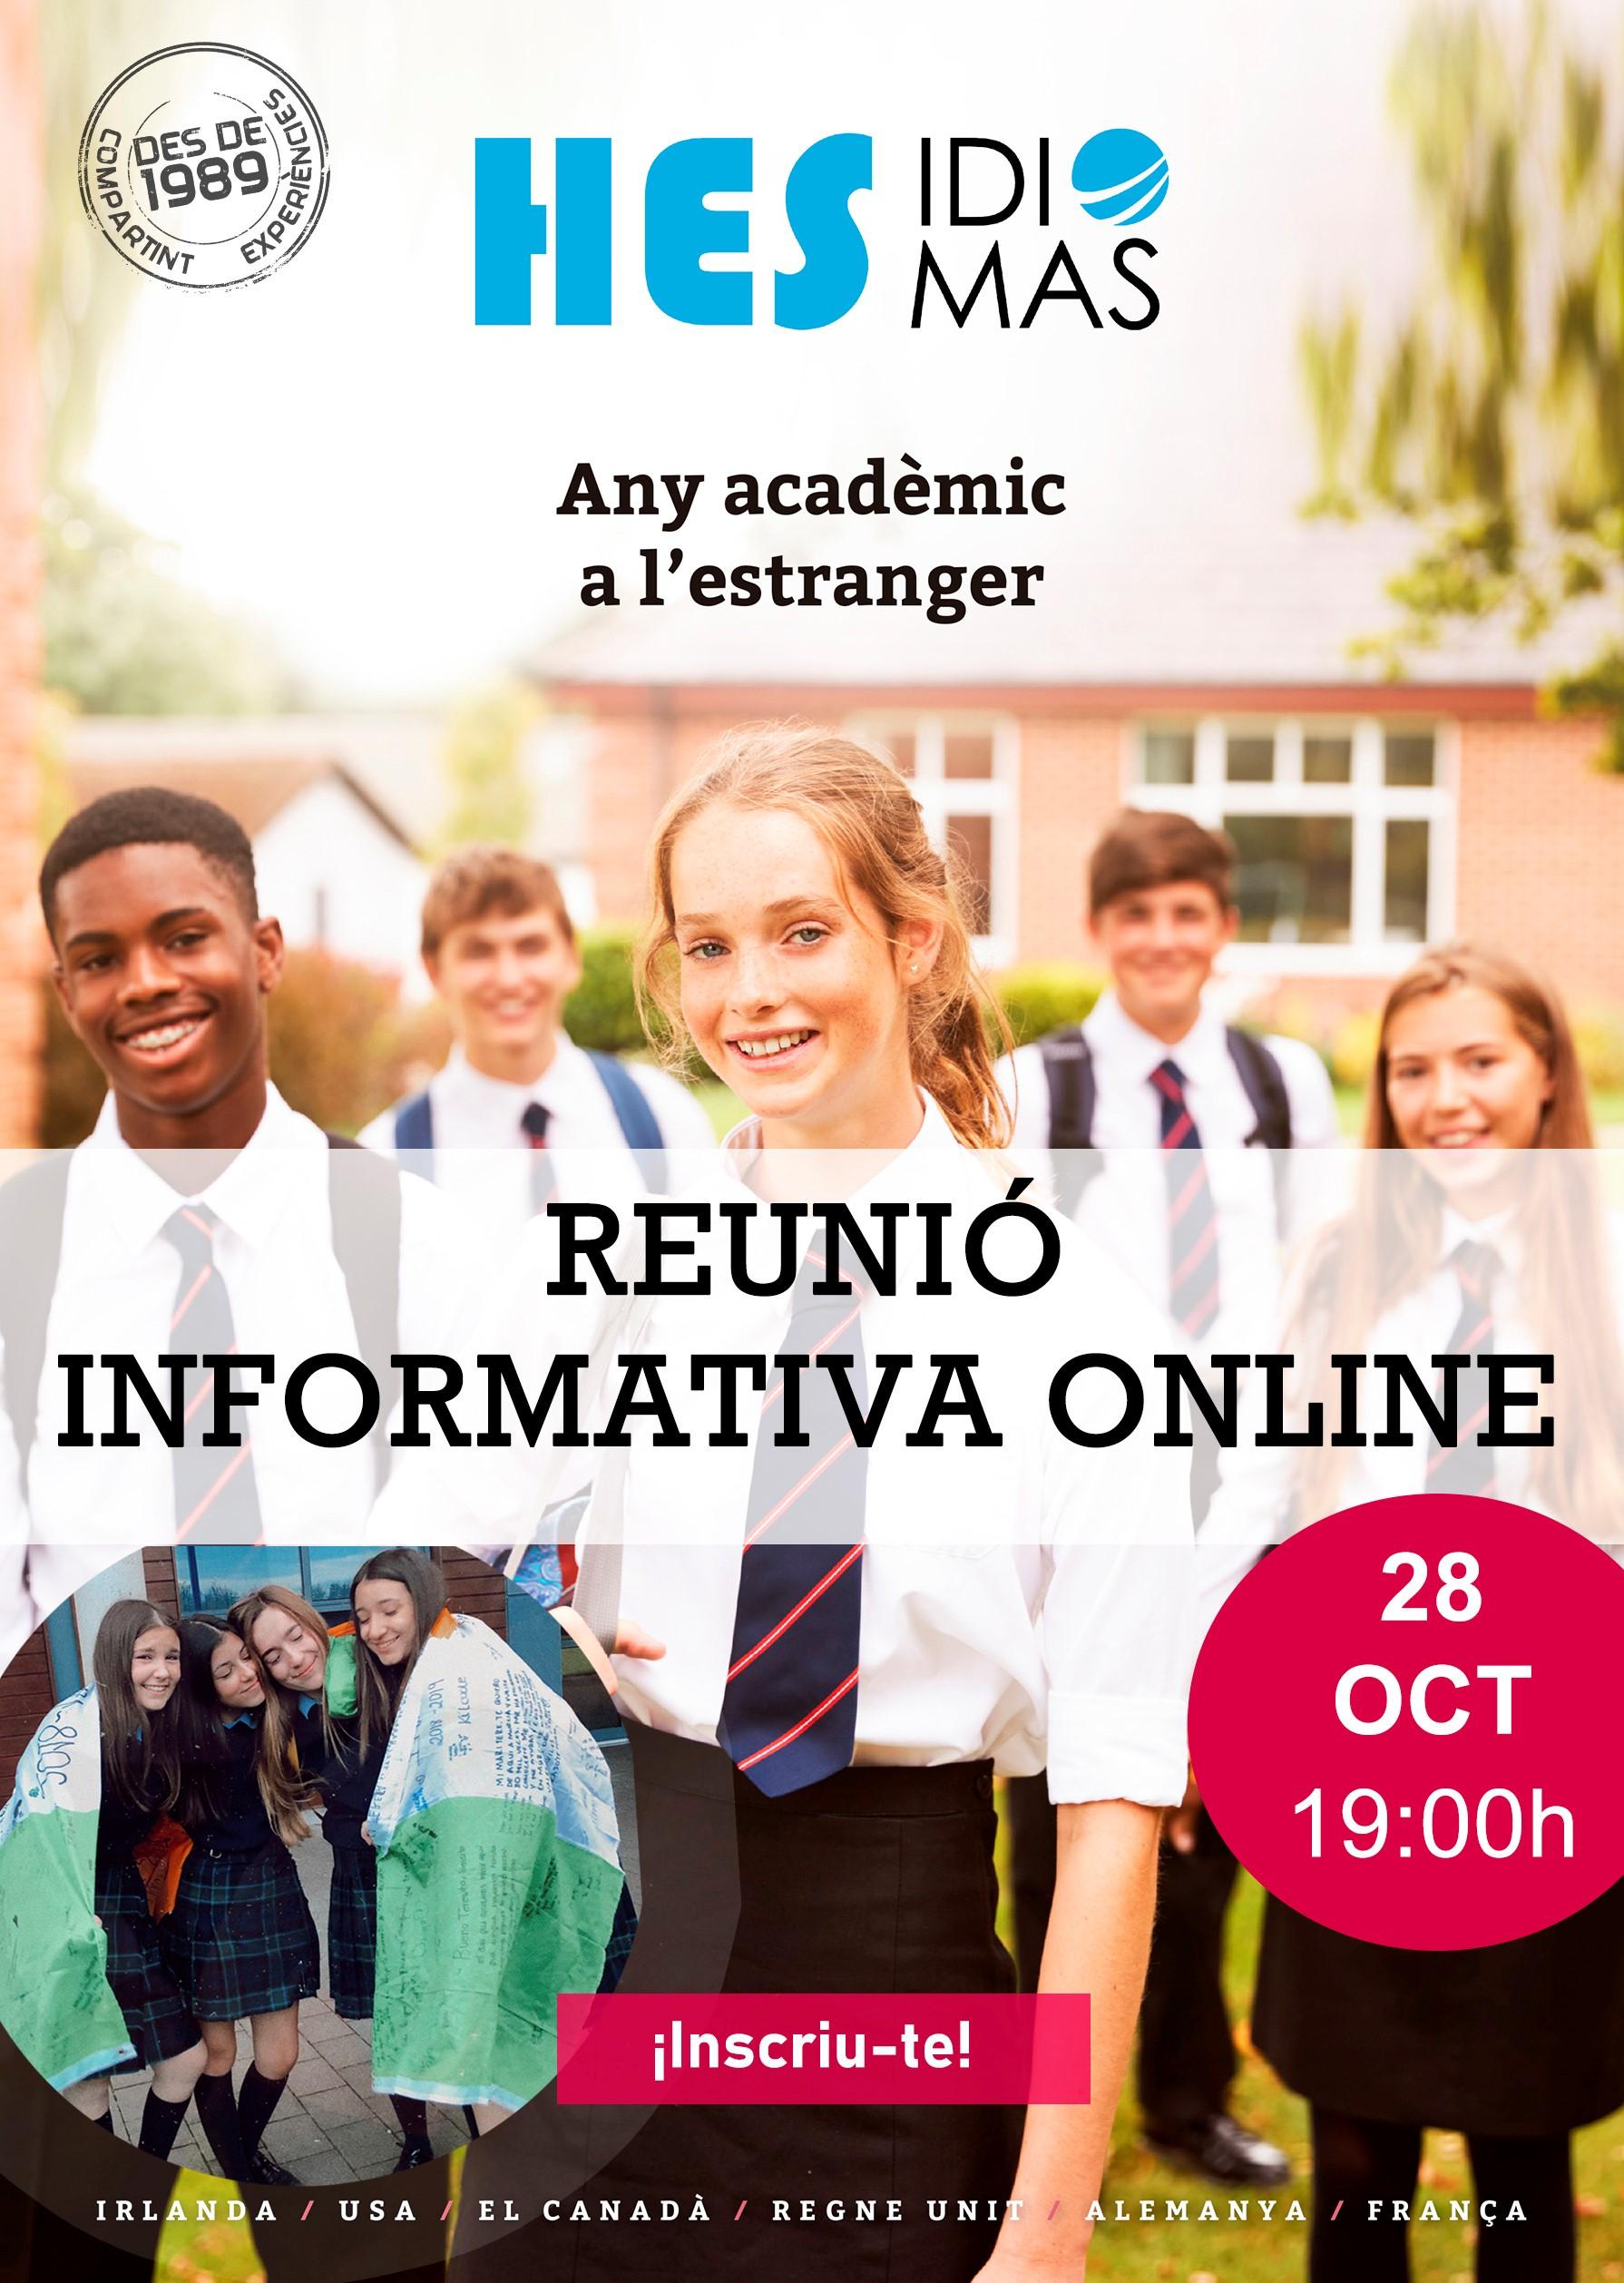 Reunió Any i Trimestre acadèmics amb HES